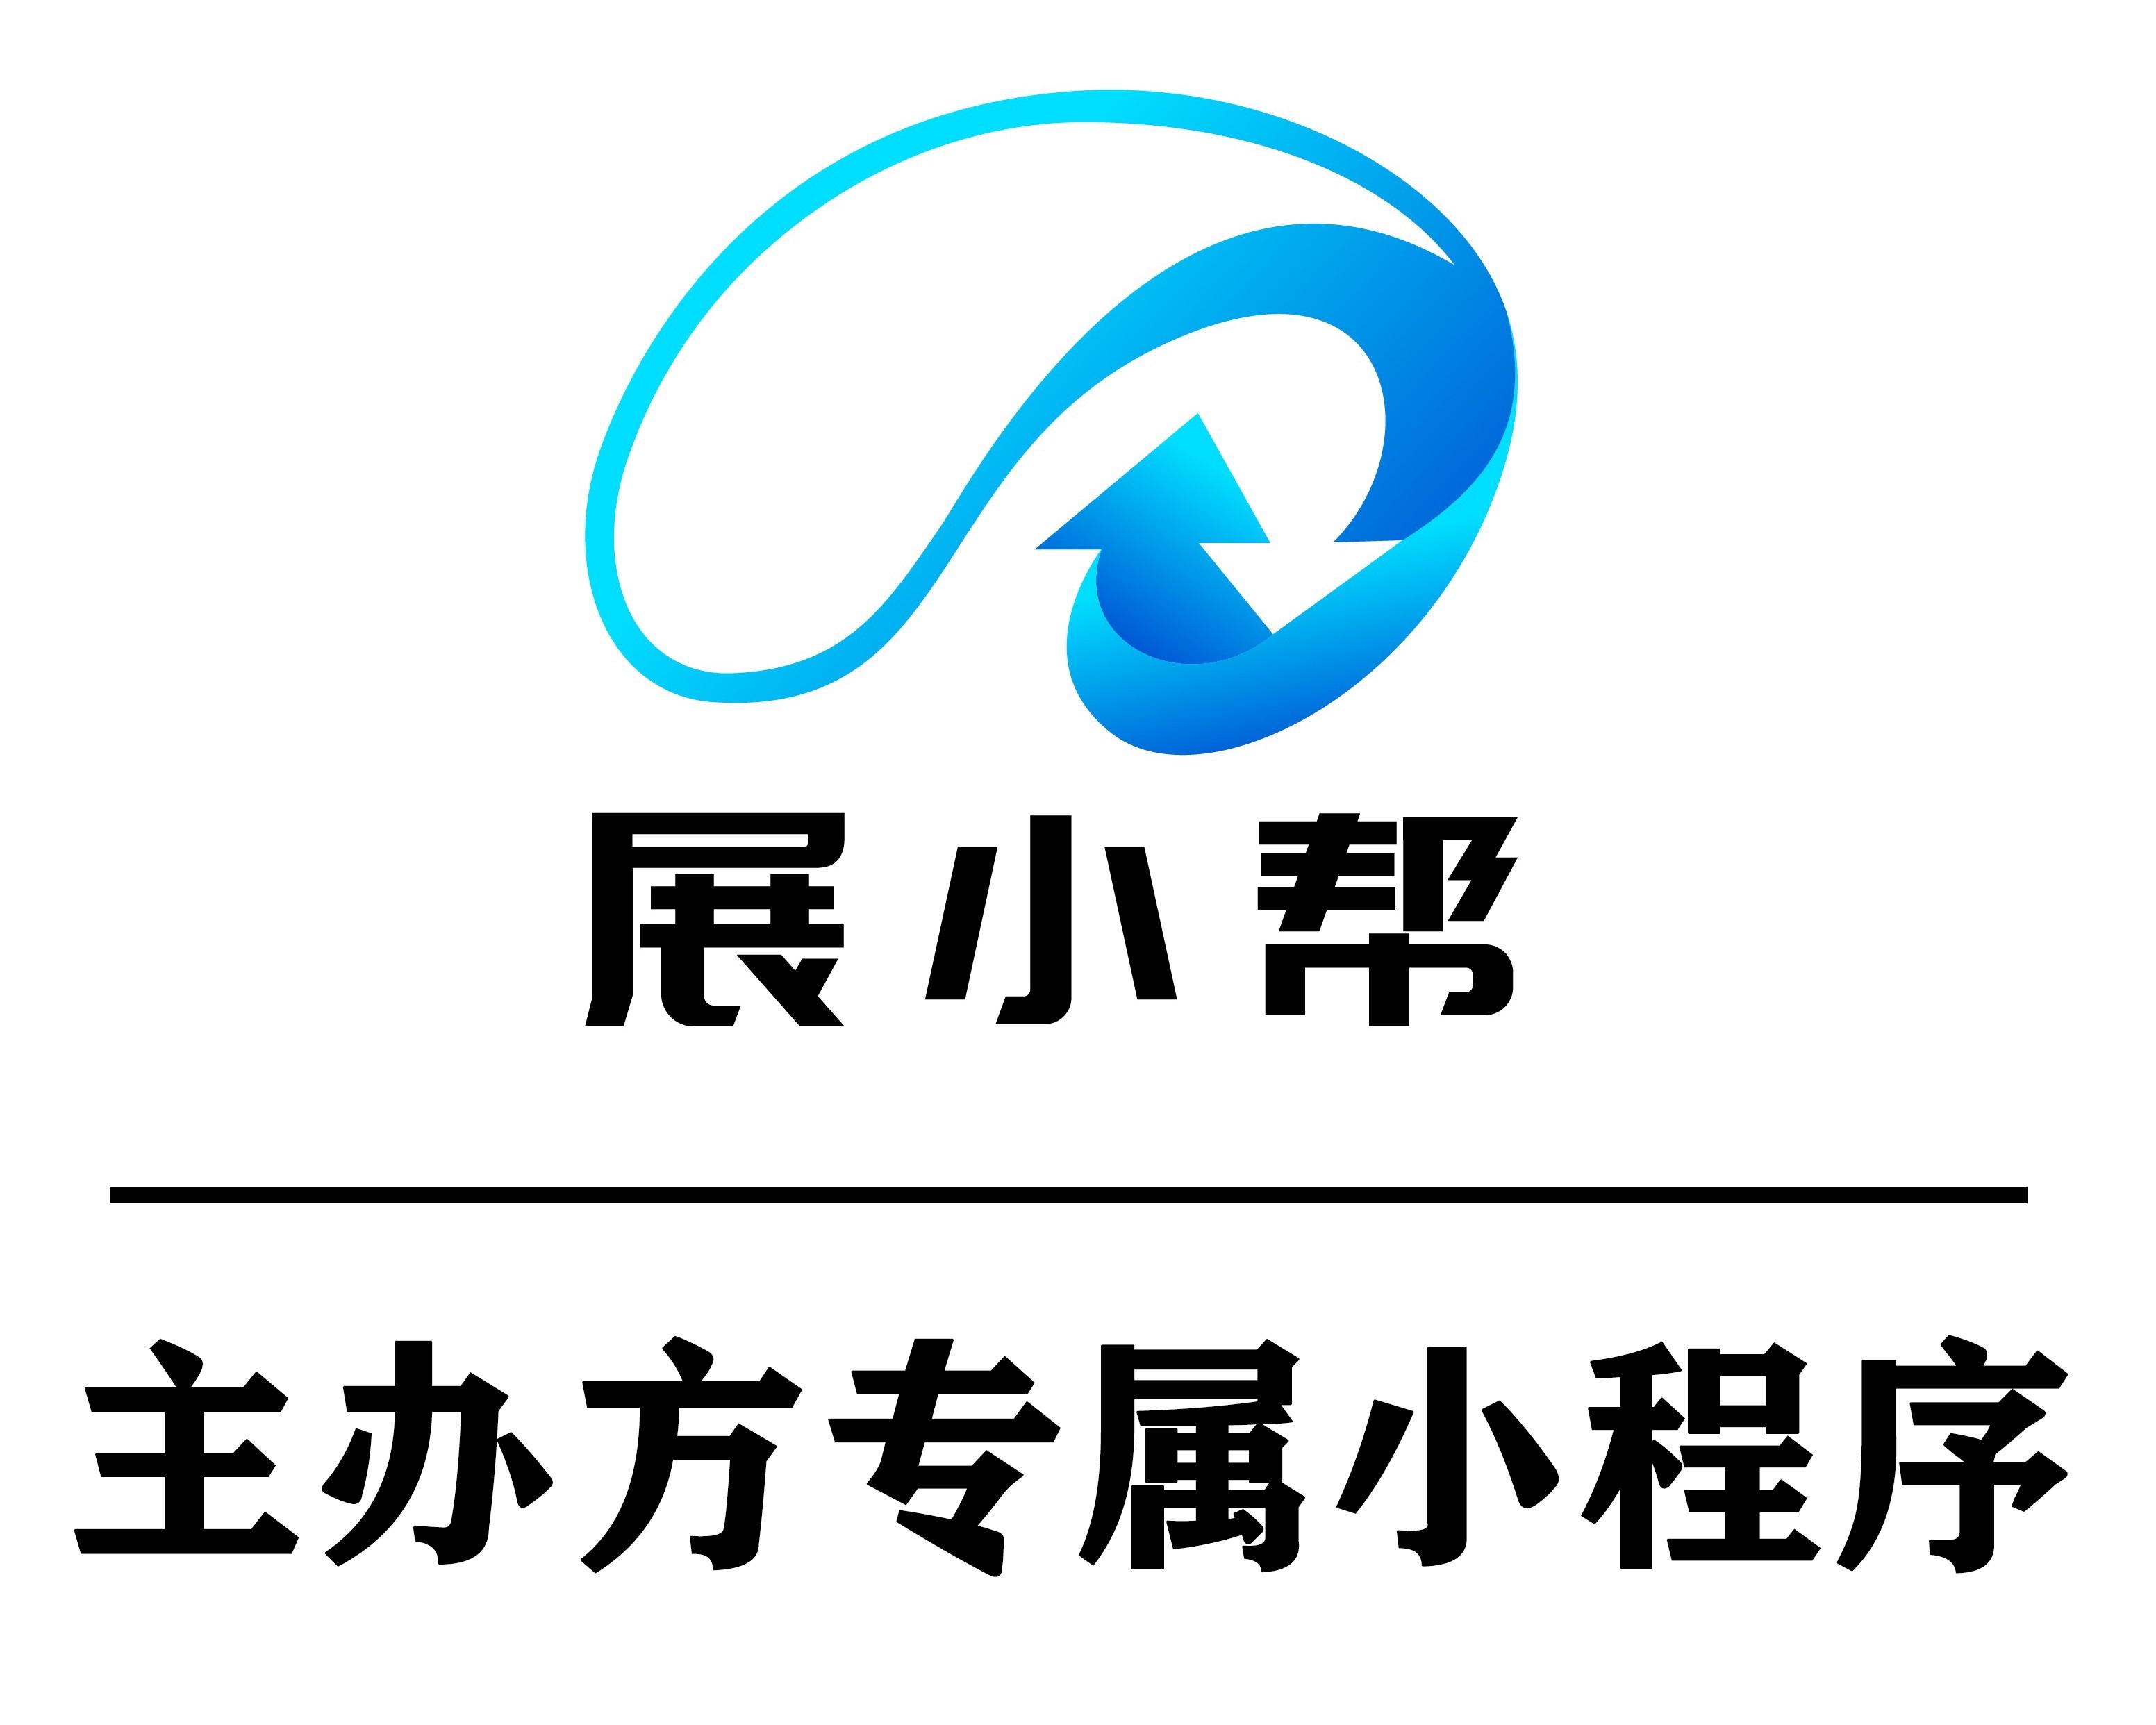 扬州制汇互联信息技术有限公司【展小帮】